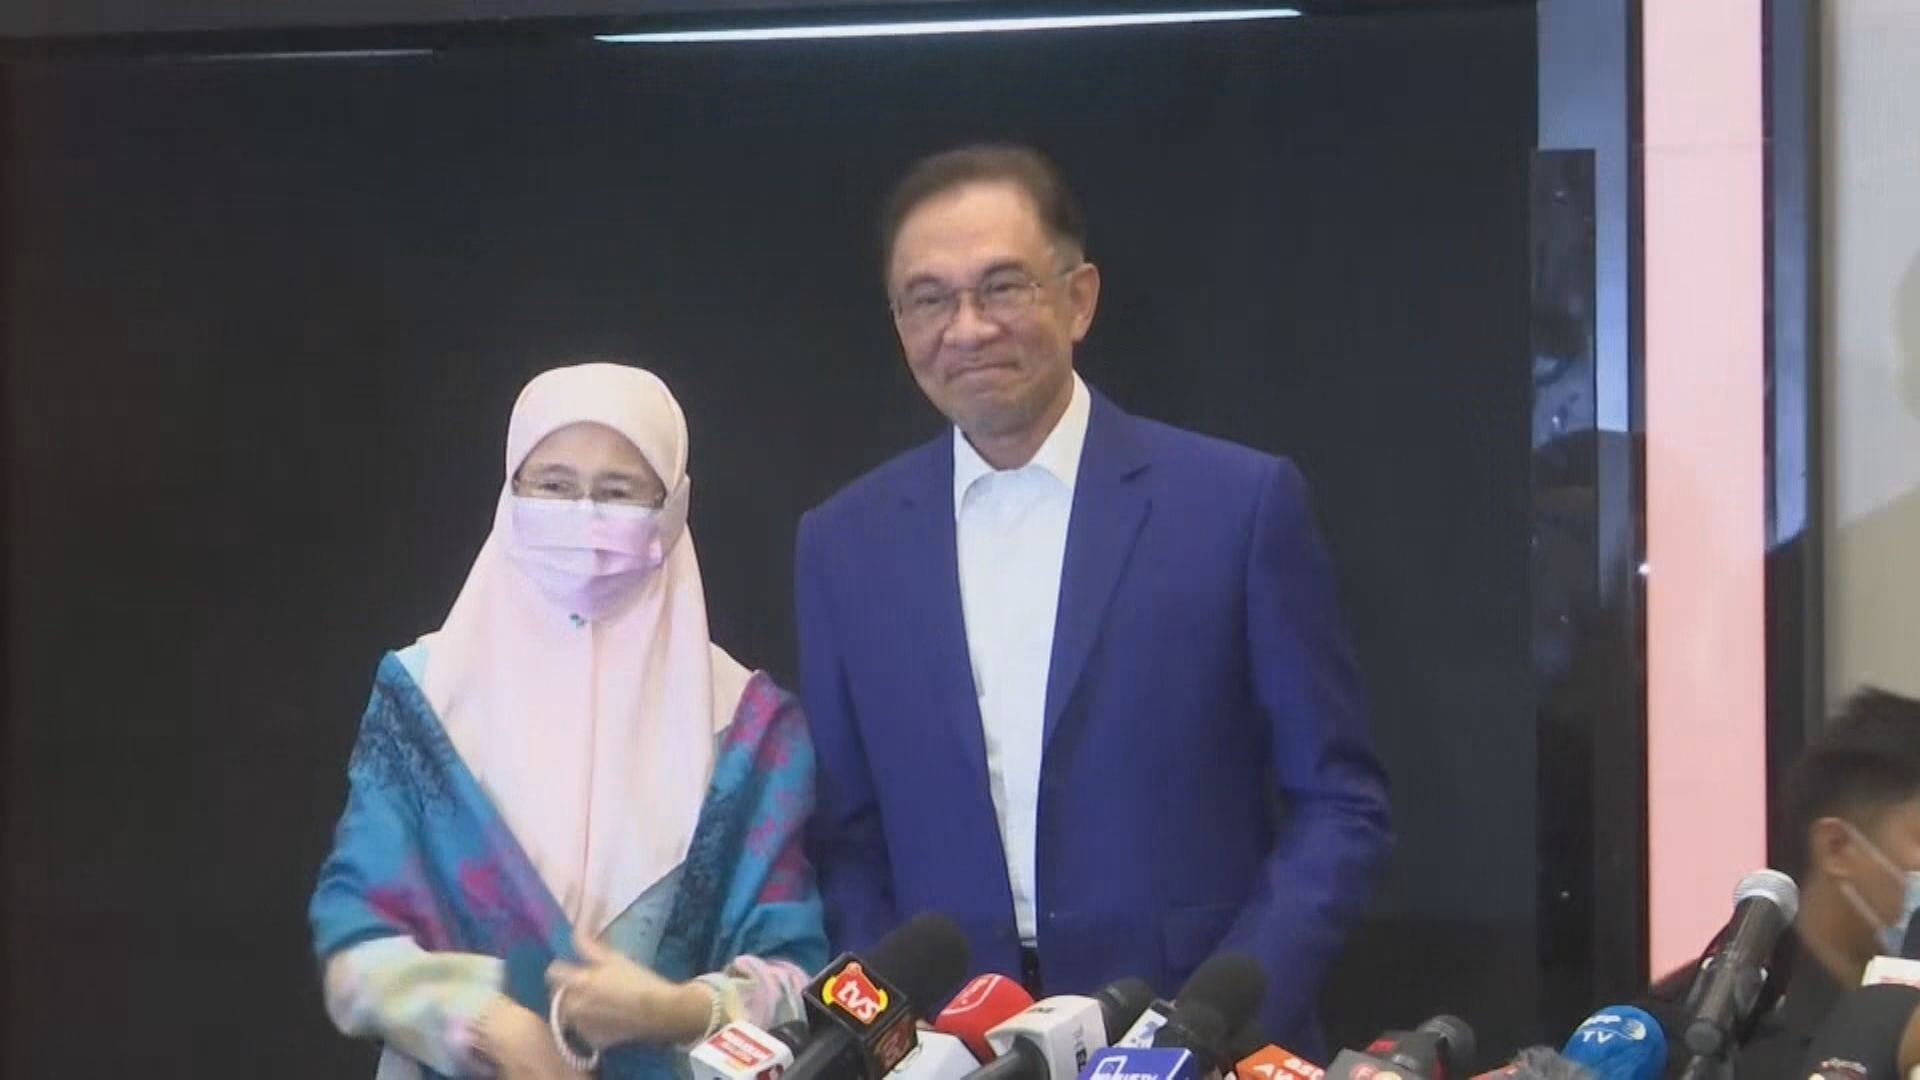 大馬反對派領袖安華稱獲過半國會議員支持籌組政府